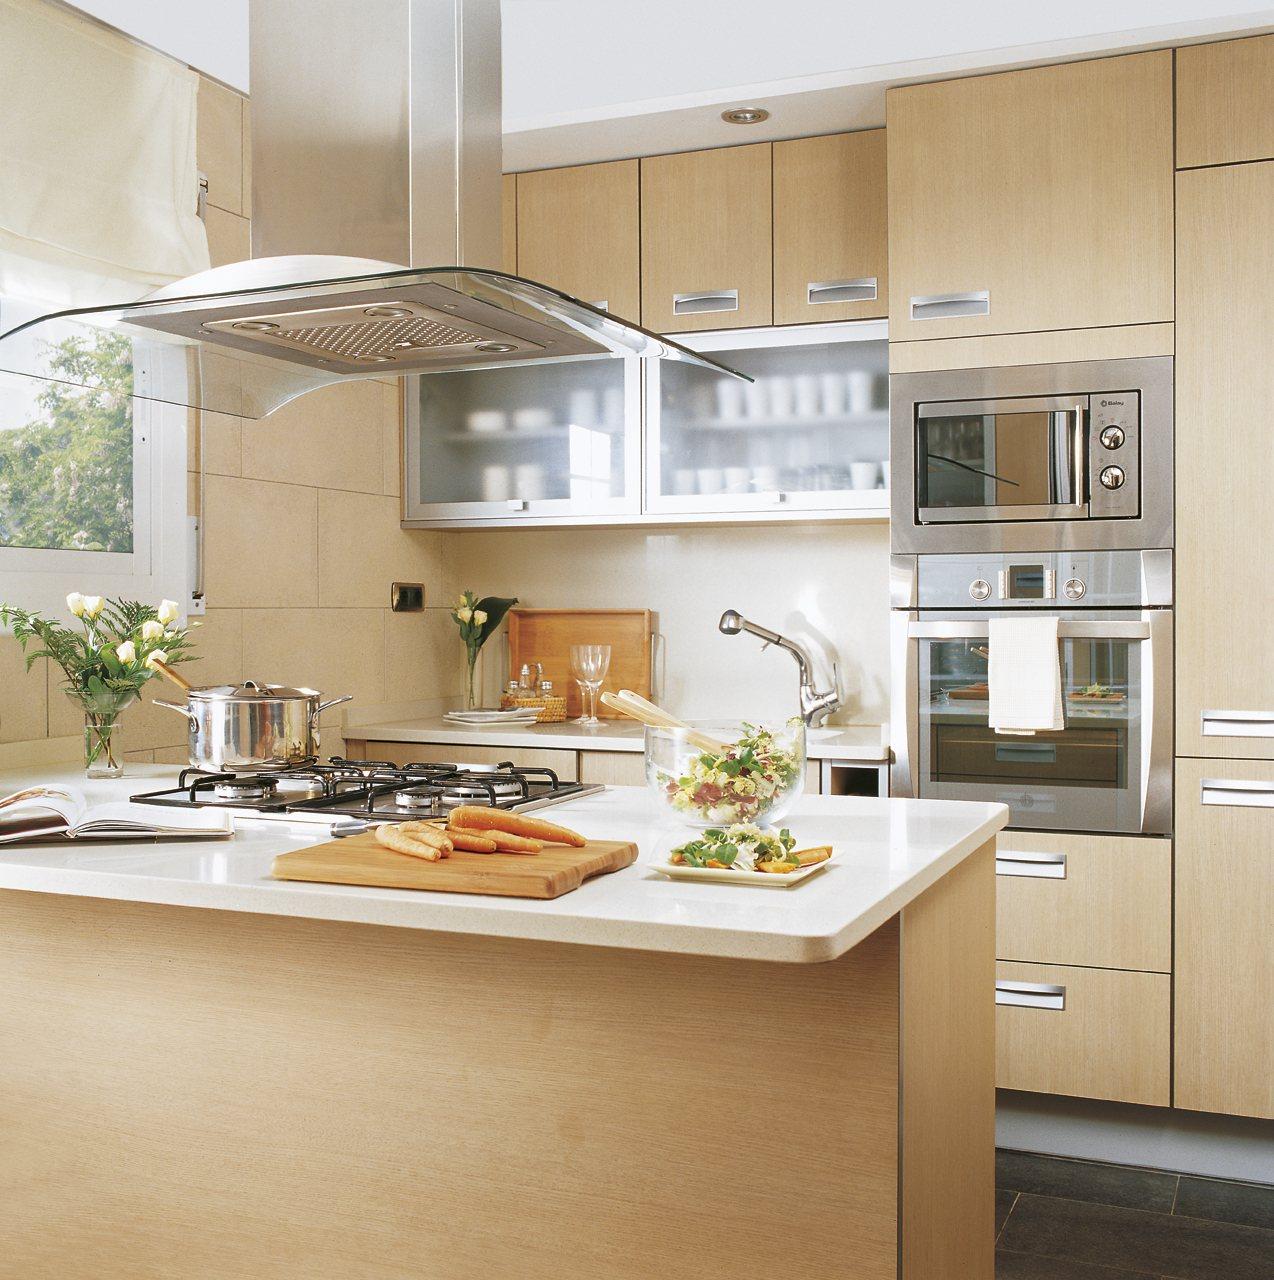 Cocinas peque as soluciones y consejos for Imagenes de decoracion de cocinas